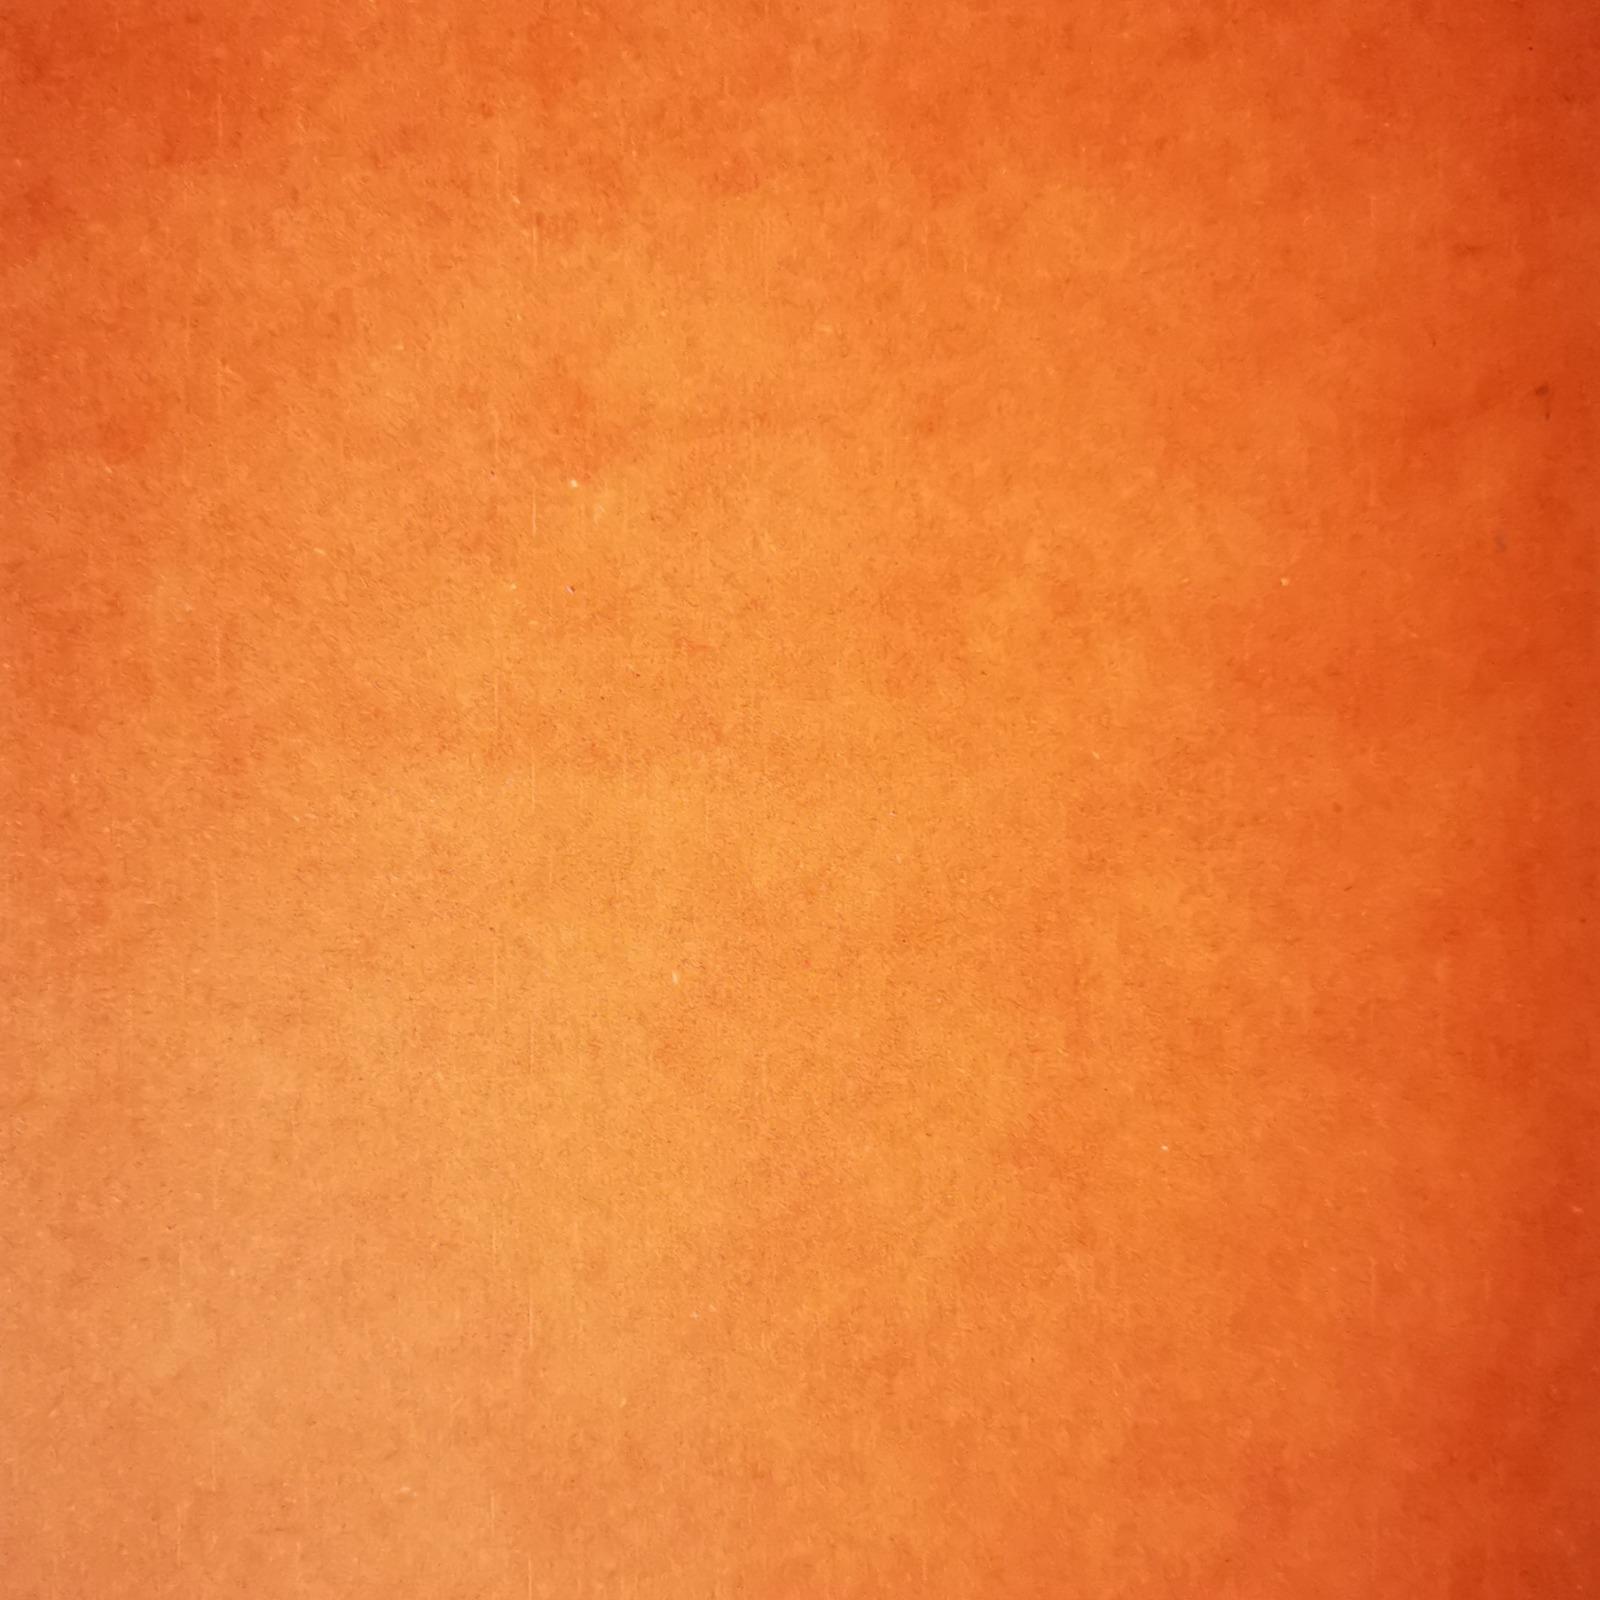 FORESCOLOR Orange